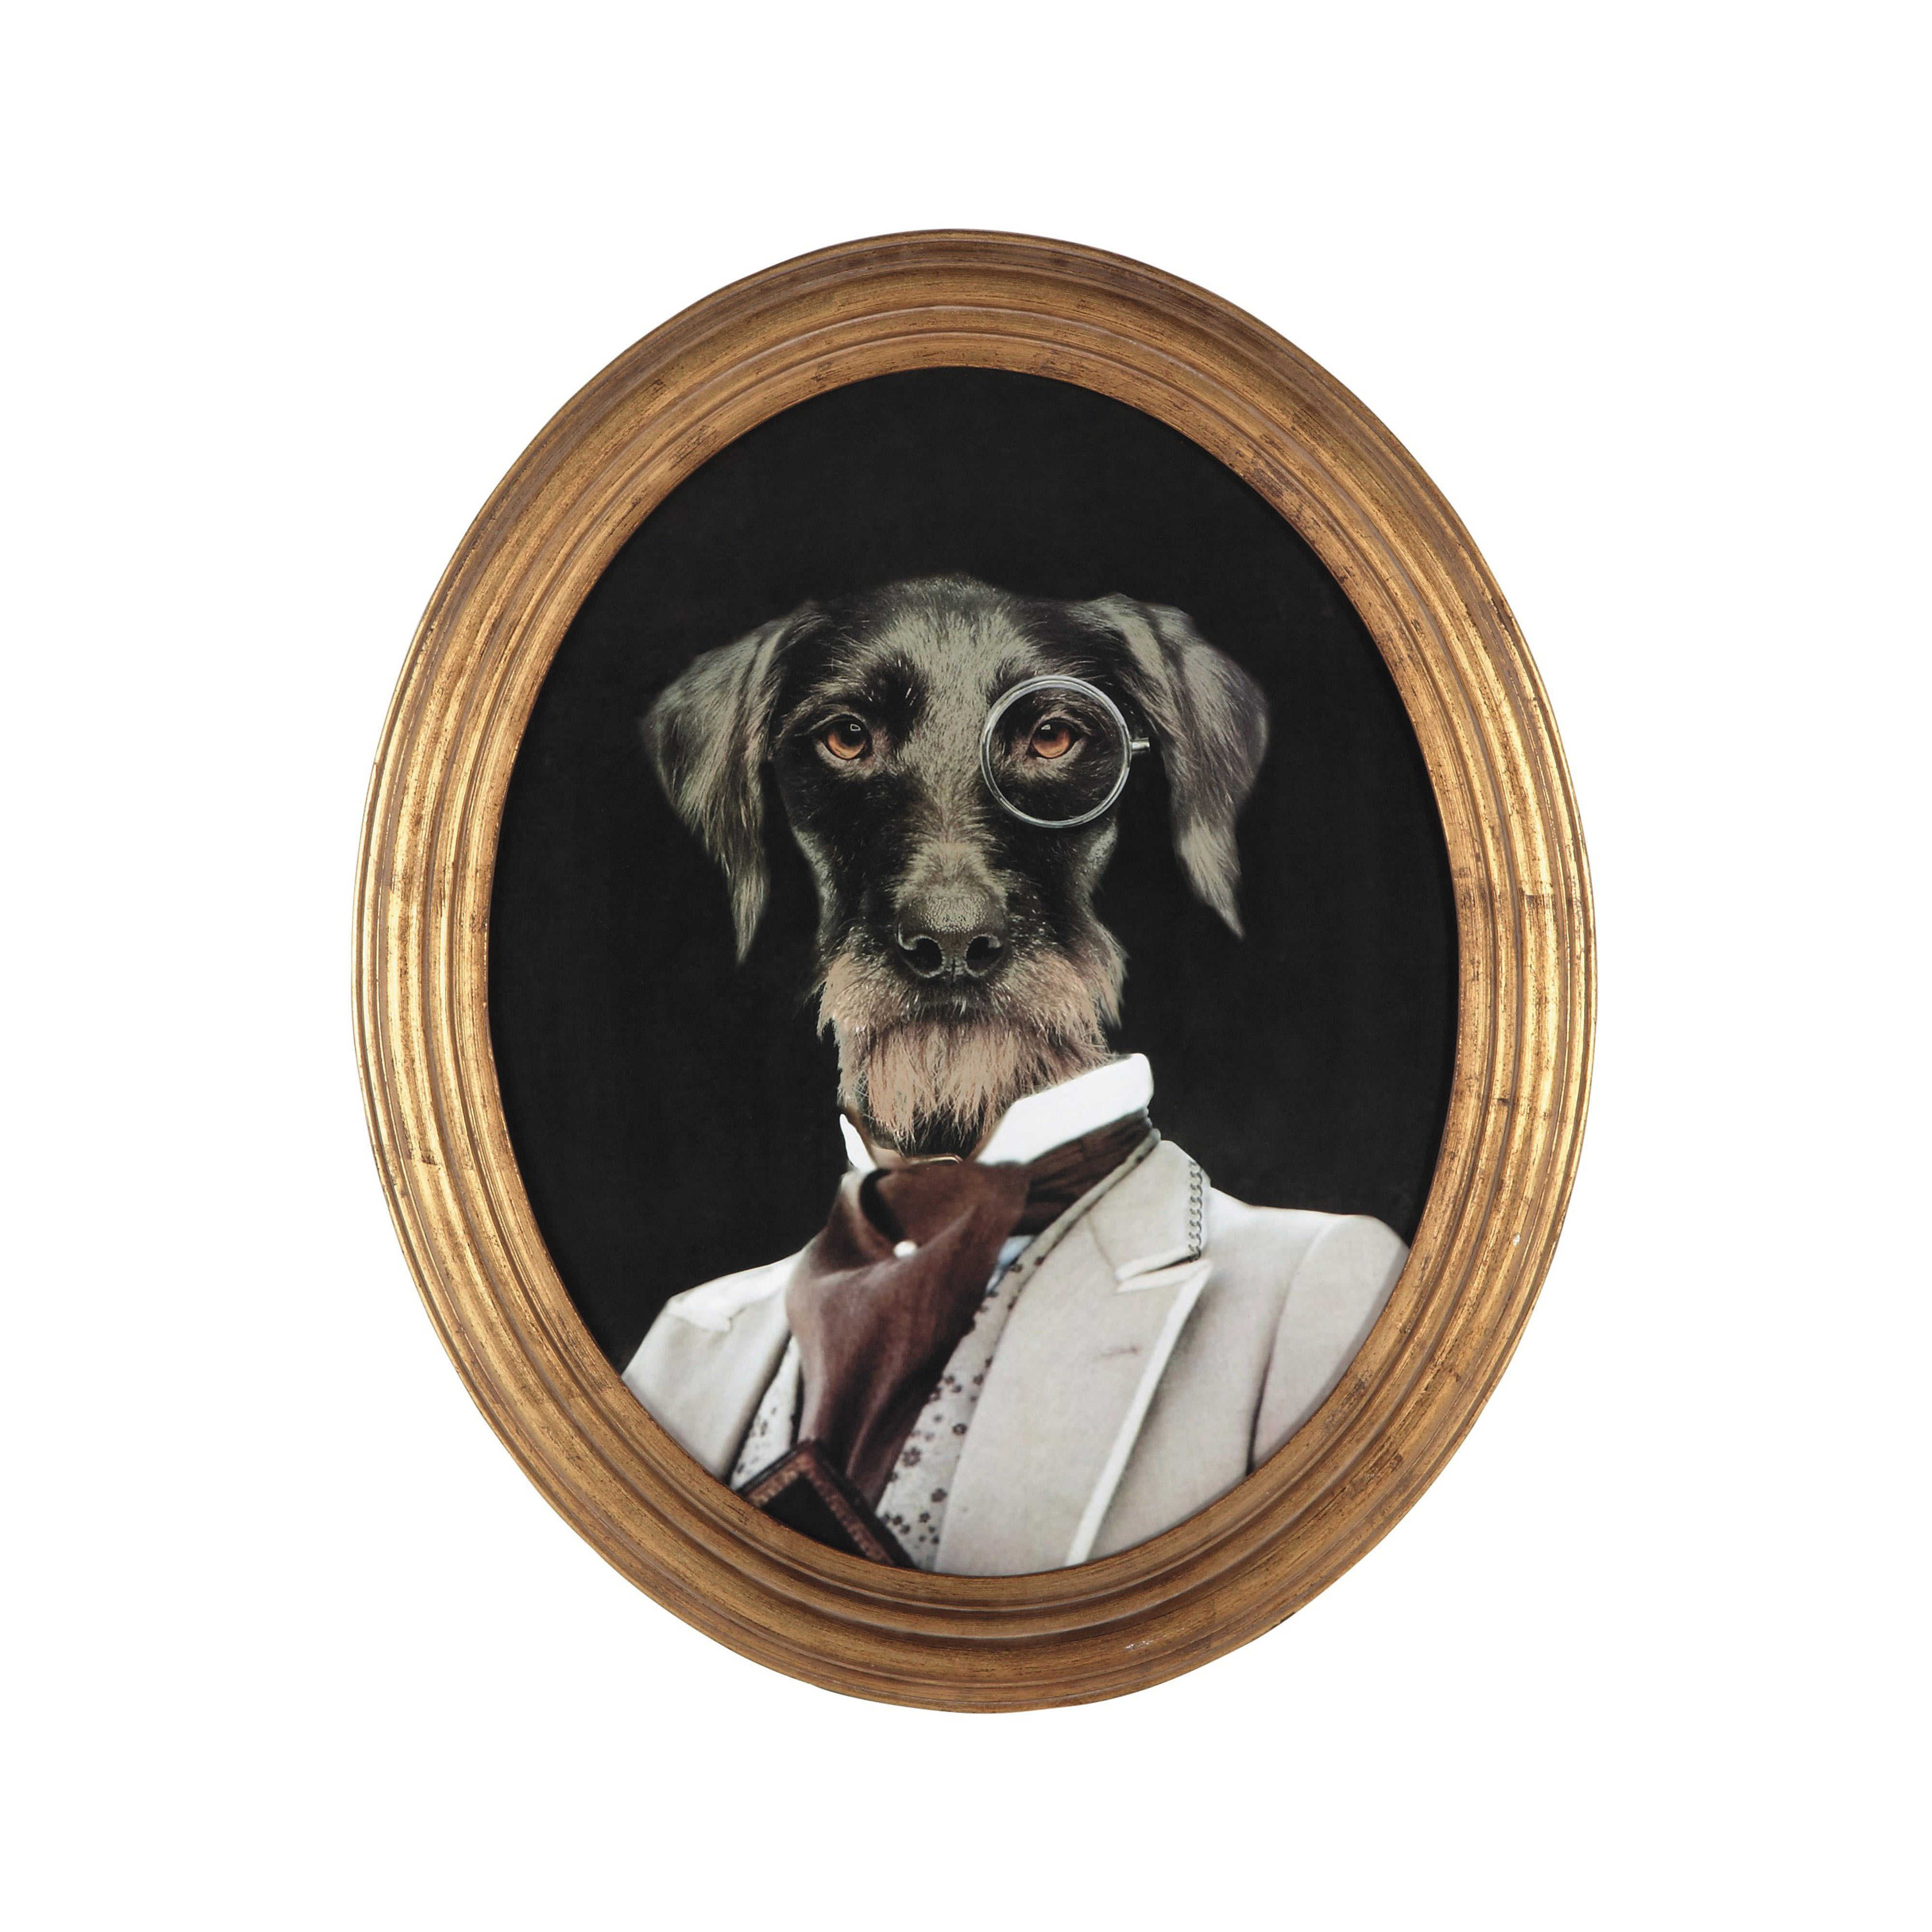 cadre d co chien en bois 53 x 64 cm cadre deco cadres. Black Bedroom Furniture Sets. Home Design Ideas